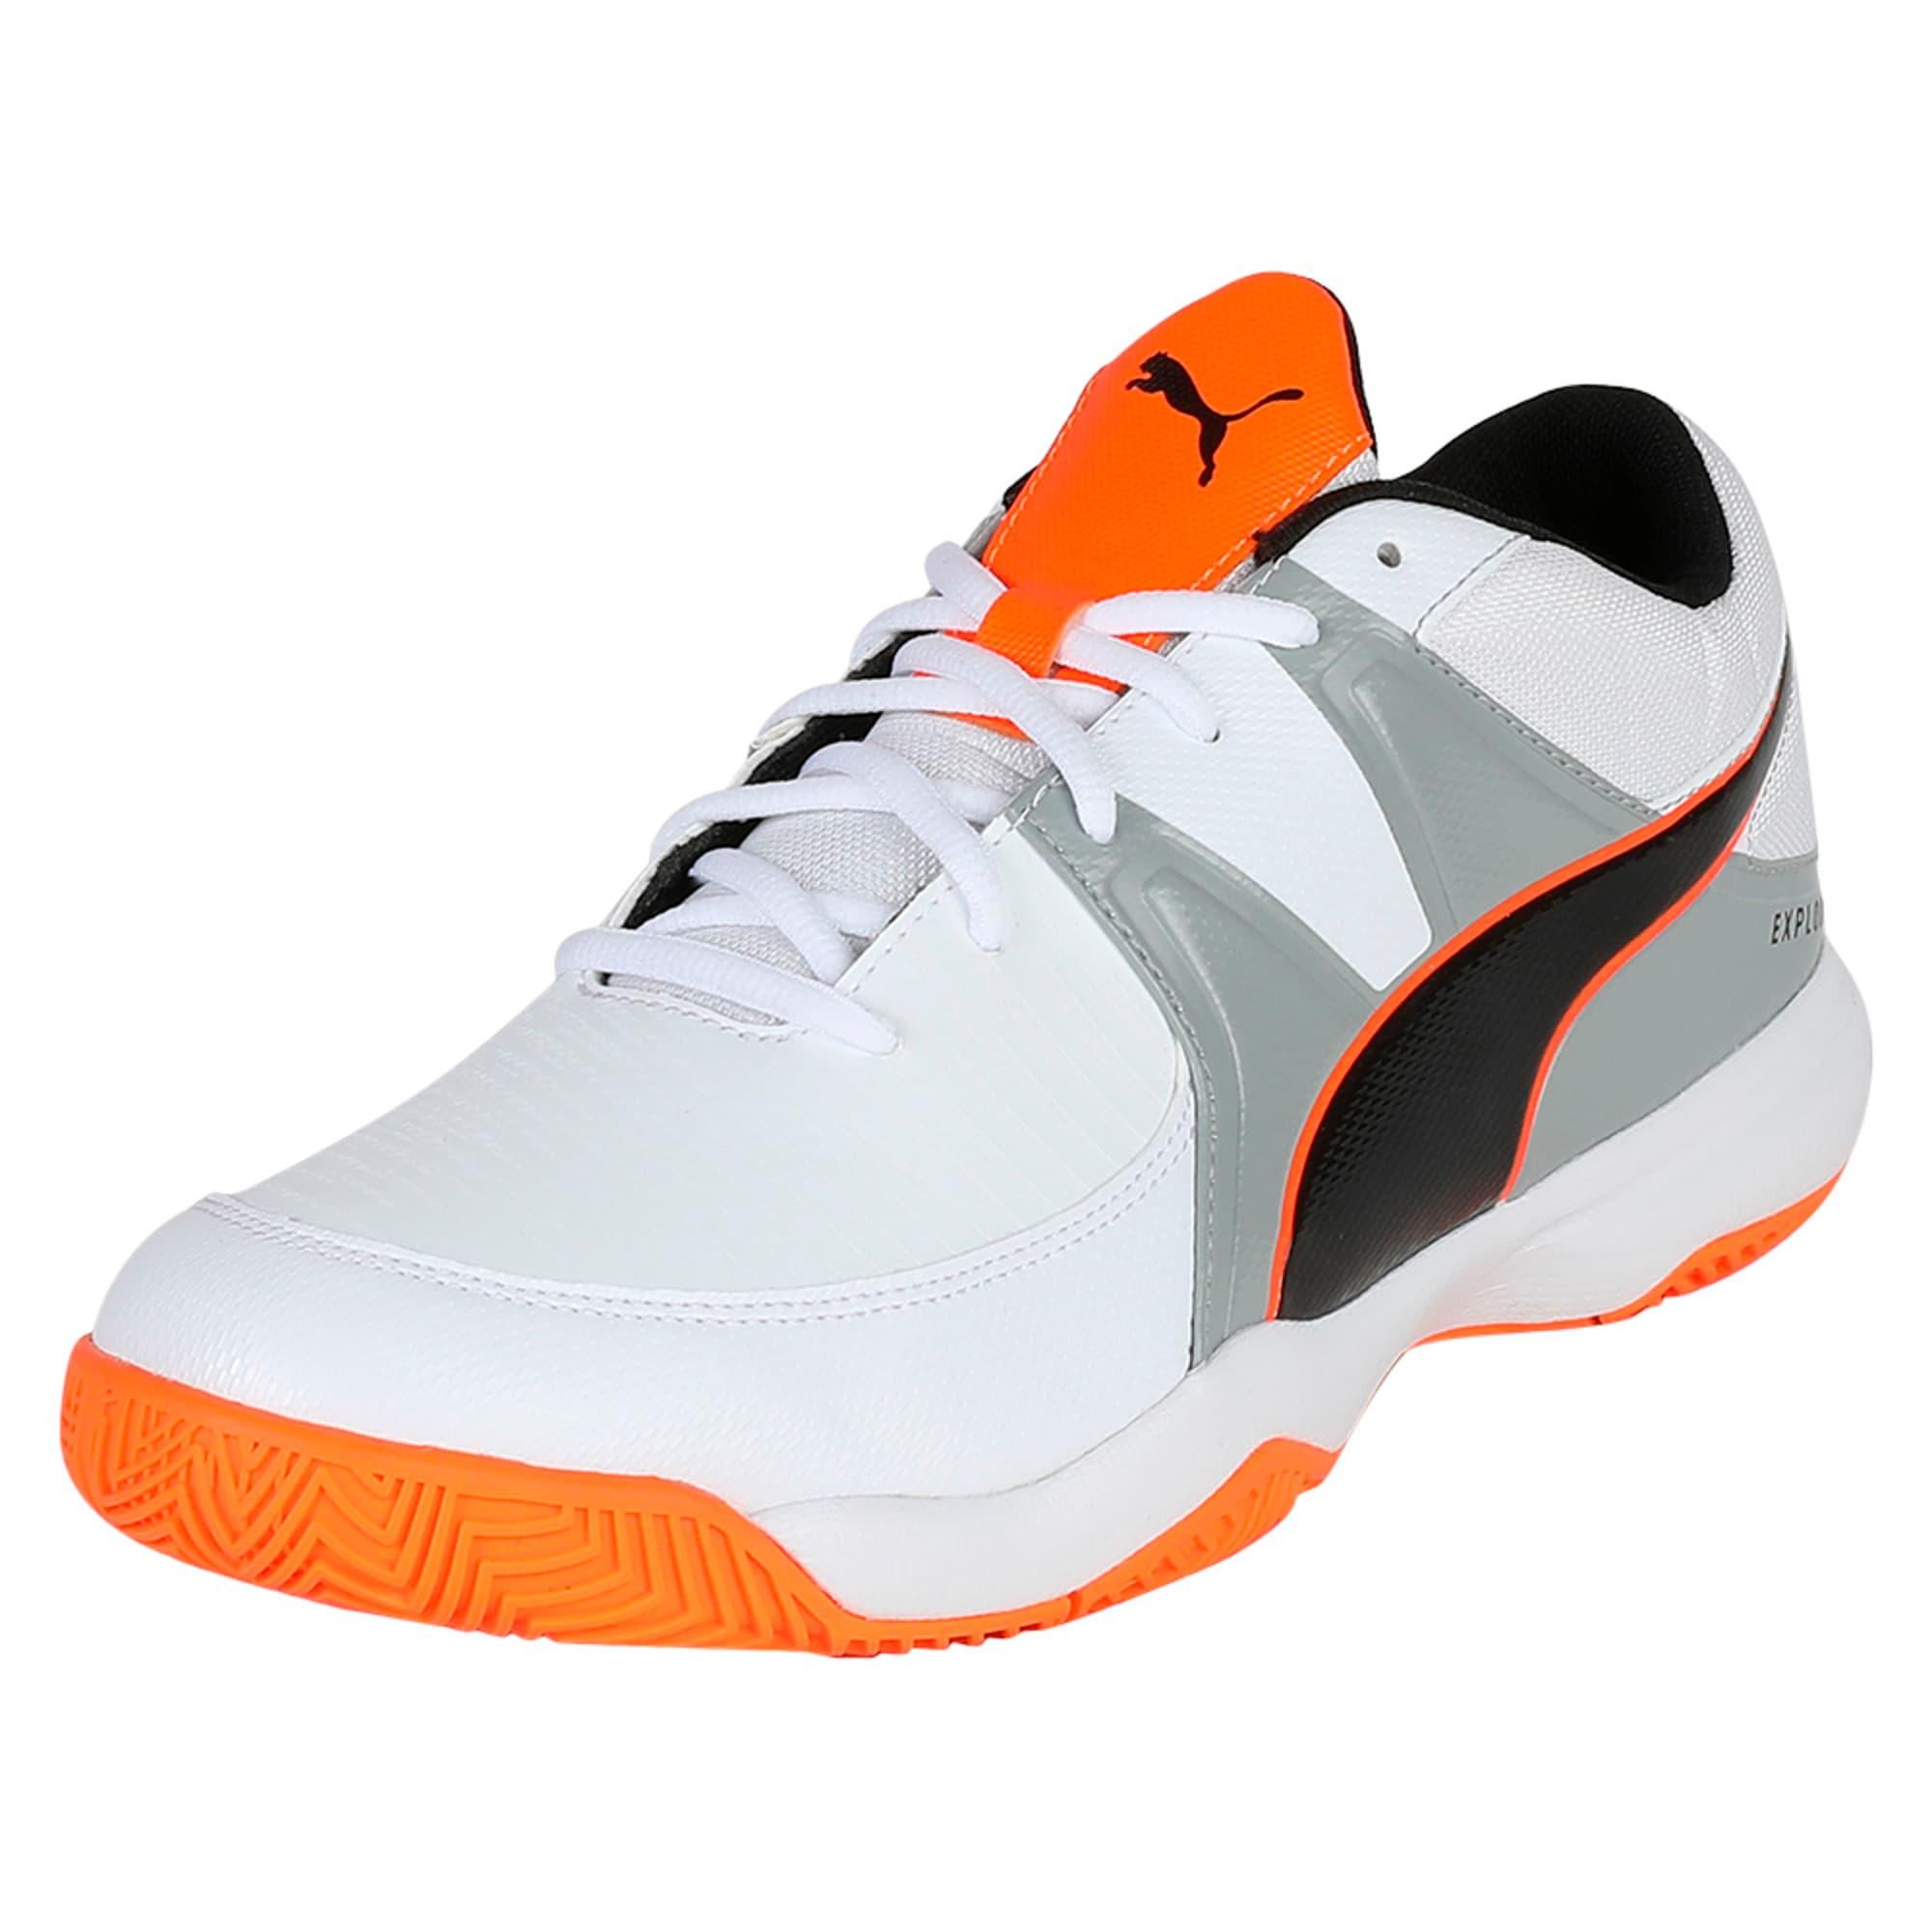 Thumbnail 1 of Explode 3 Men's Indoor Training Shoes, White-Quarry-Orange, medium-IND